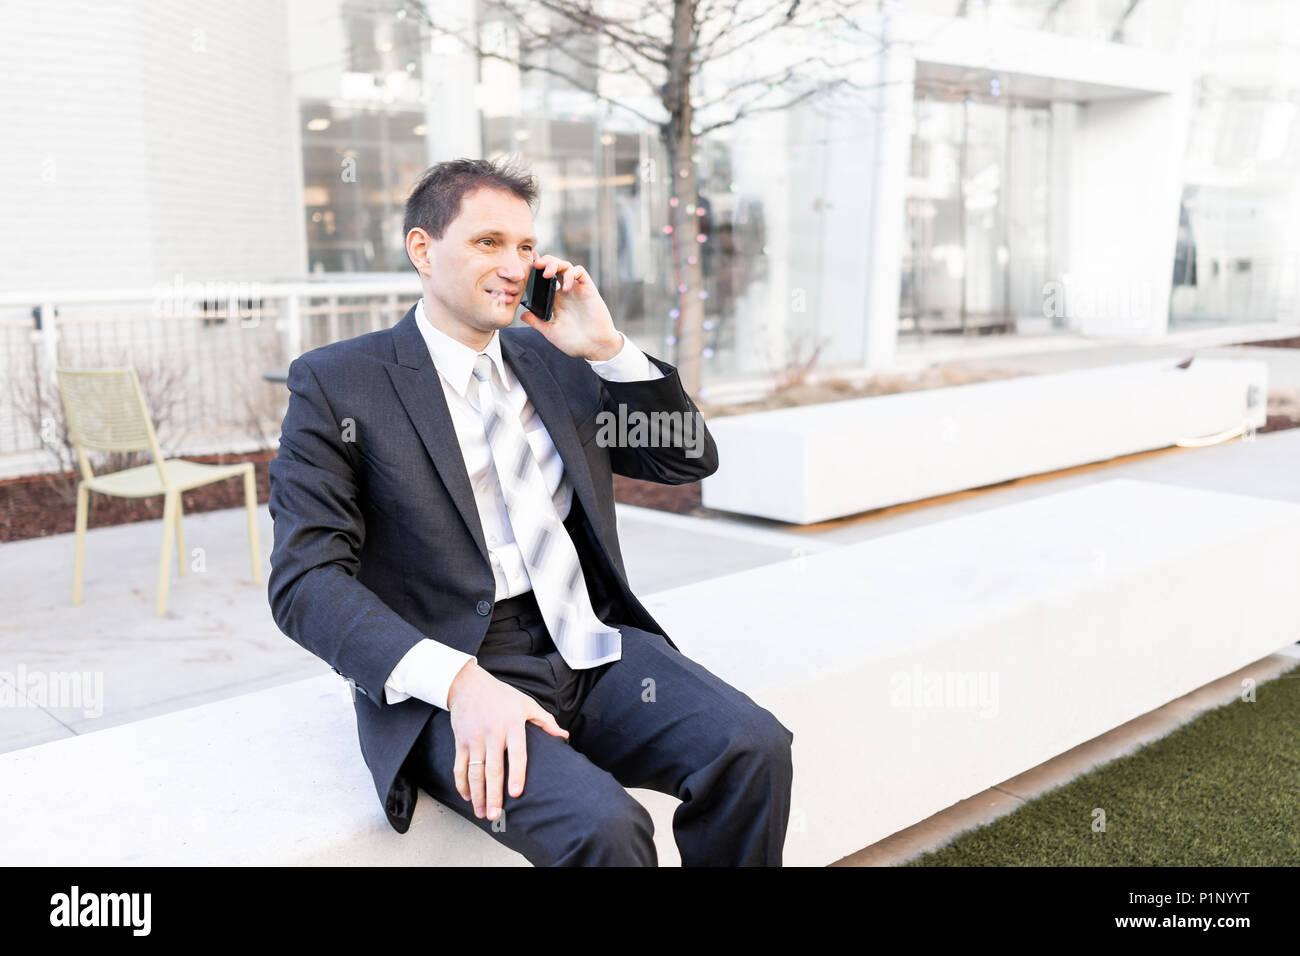 Witzig, wütend, irritiert, verwirrt Geschäftsmann sitzt auf der Bank, Gesicht sprechen Holding Smartphone Telefon Handy Handy in Anzug und Krawatte auf K. Stockbild